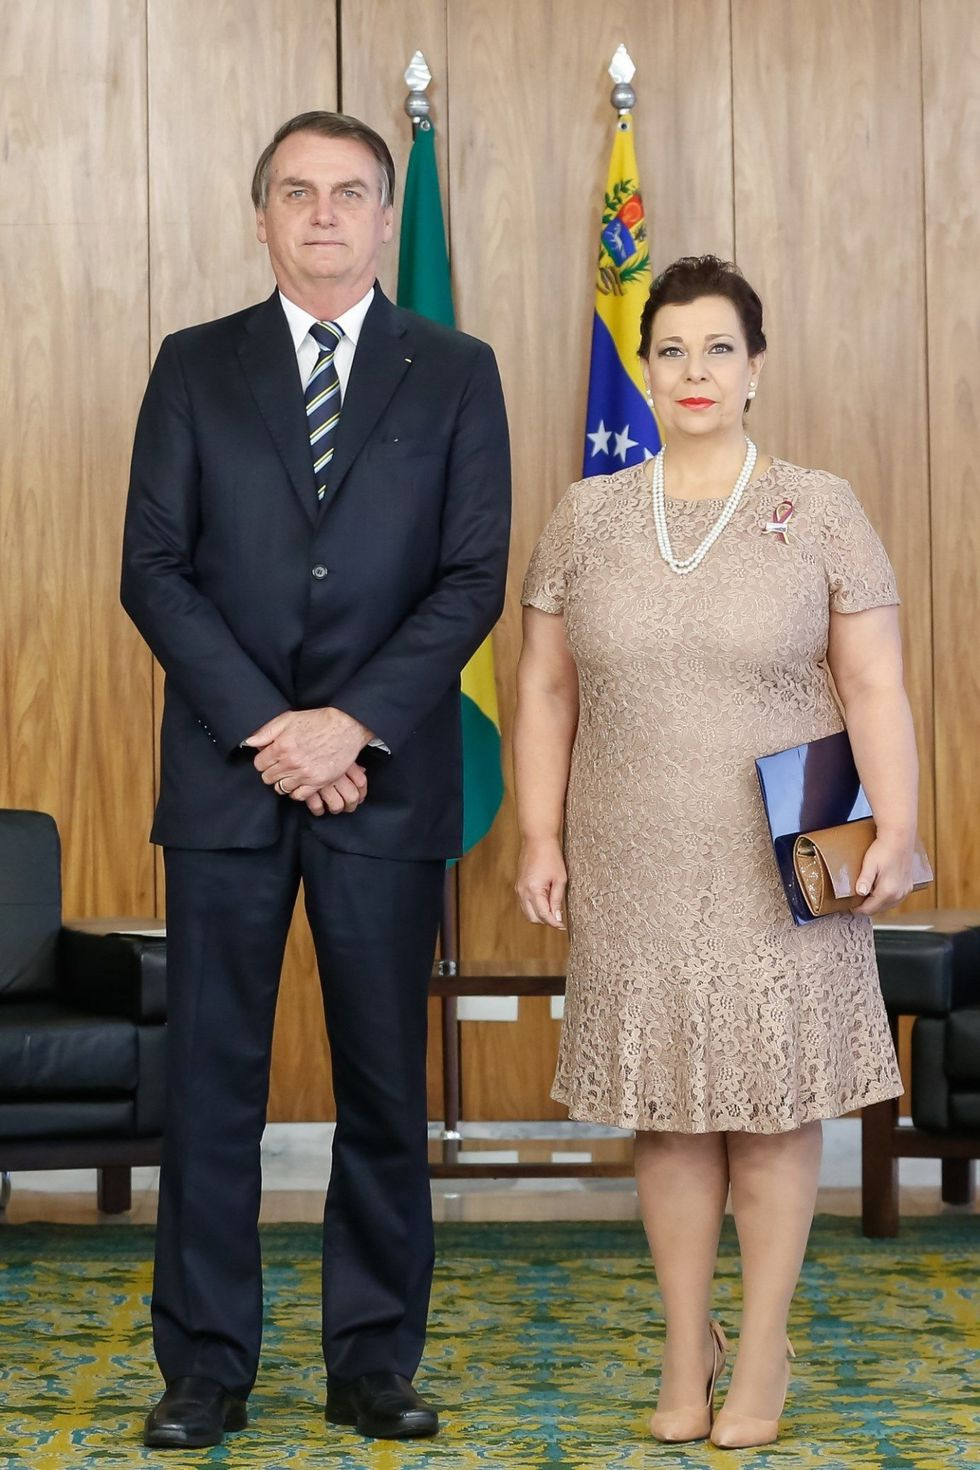 María Teresa Belandria fue recibida por Jair Bolsonaro, presidente de Brasil. (EFE)